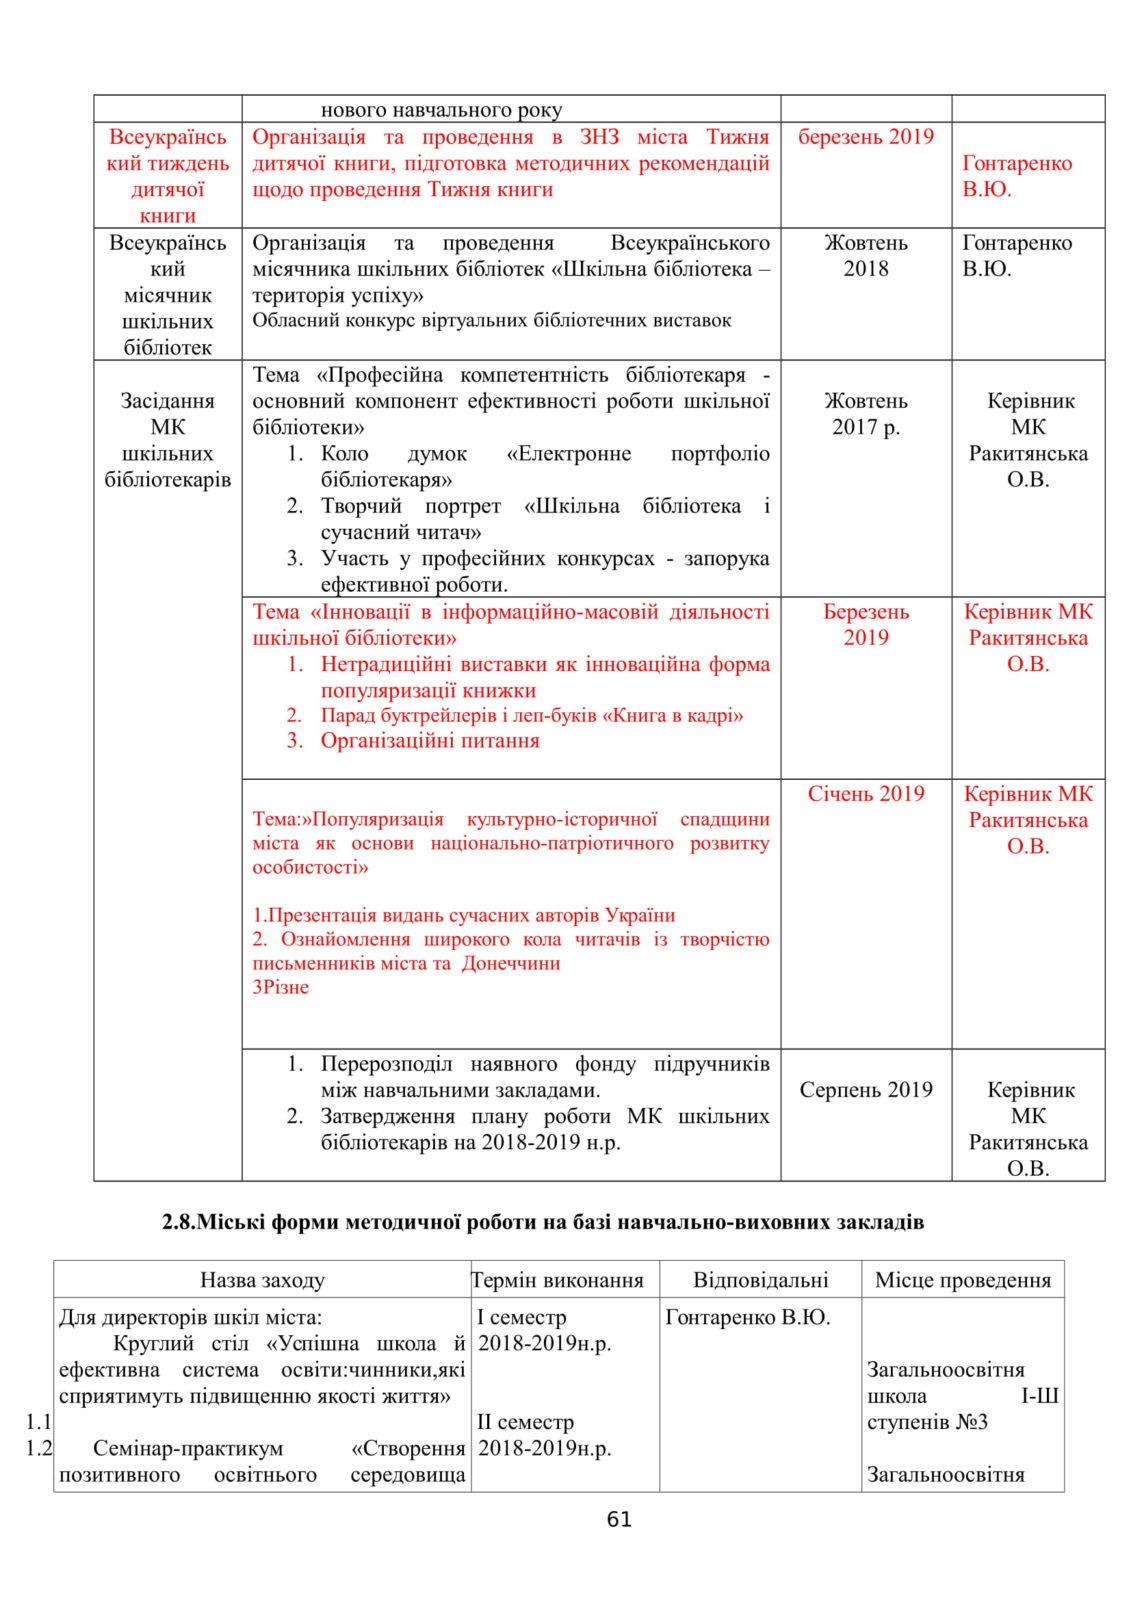 Костянтинівка 2018-2019 - ММК план роботи-62